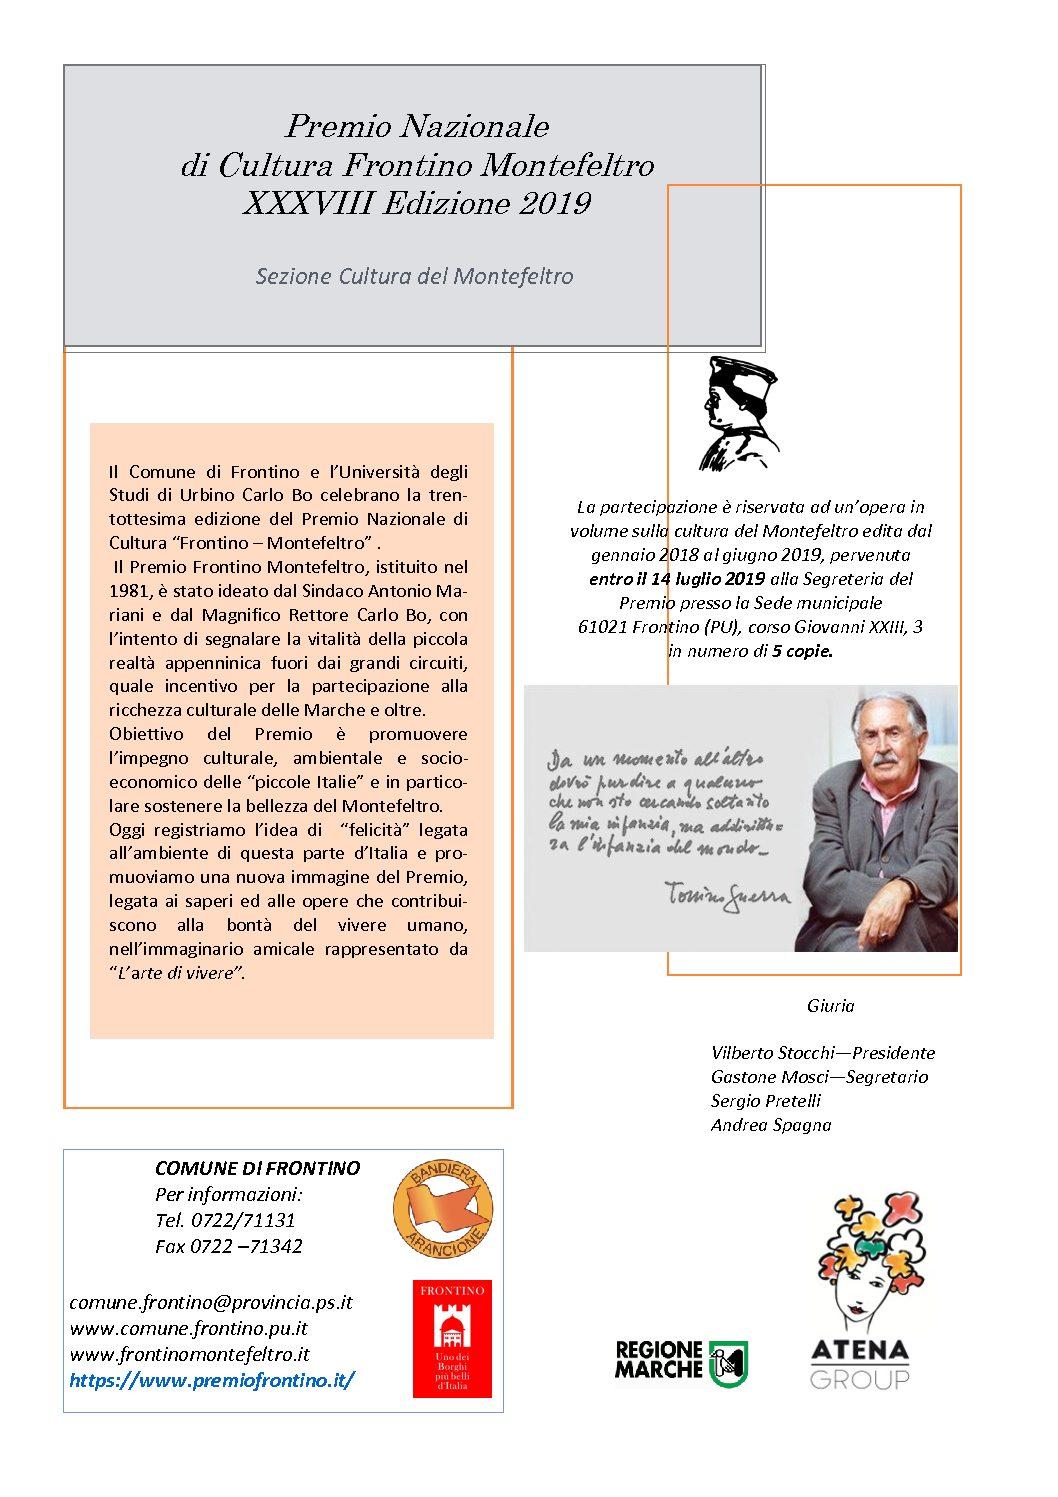 premio-volantino-cultura-montefeltro-2019-pdf.jpg